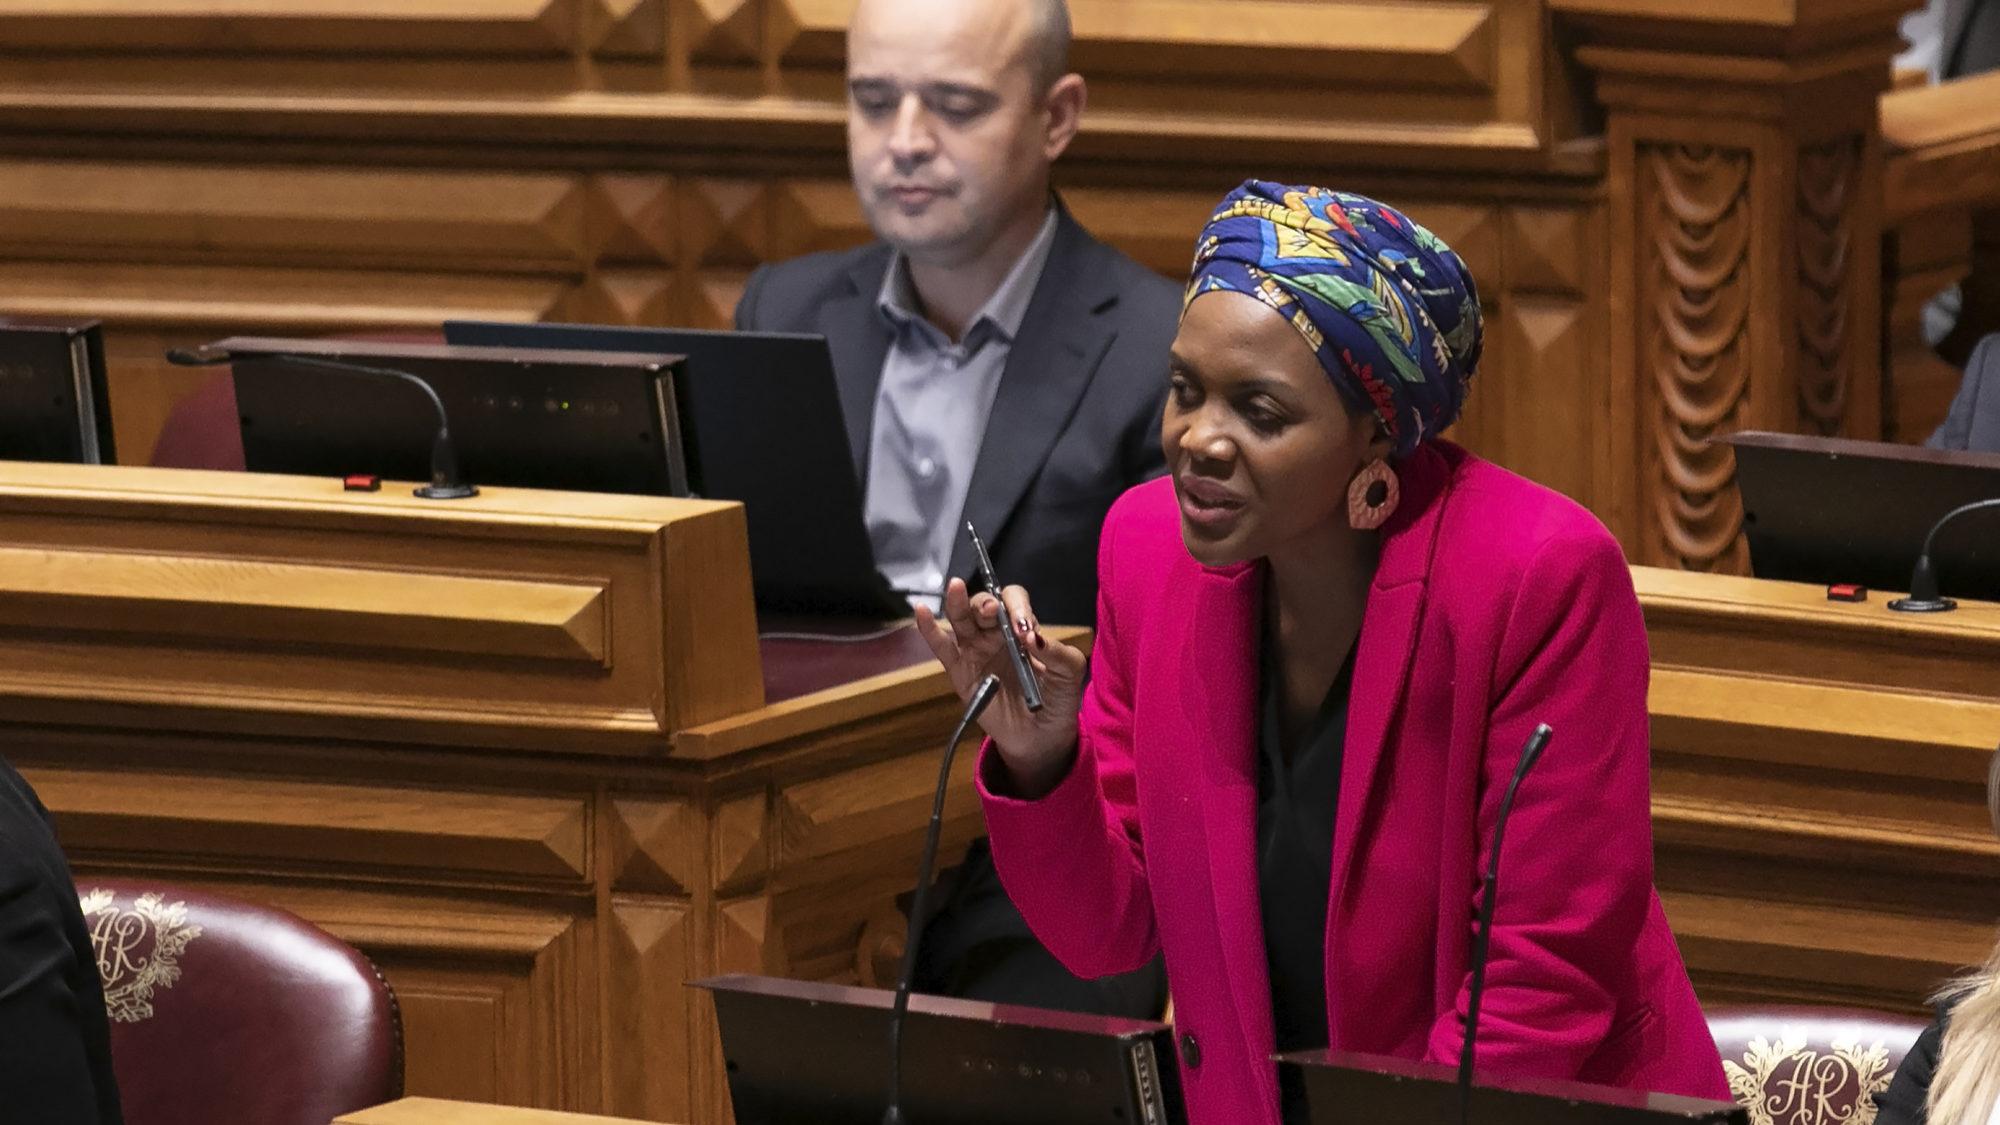 Livre adia decisão sobre retirada de confiança política a Joacine Moreira